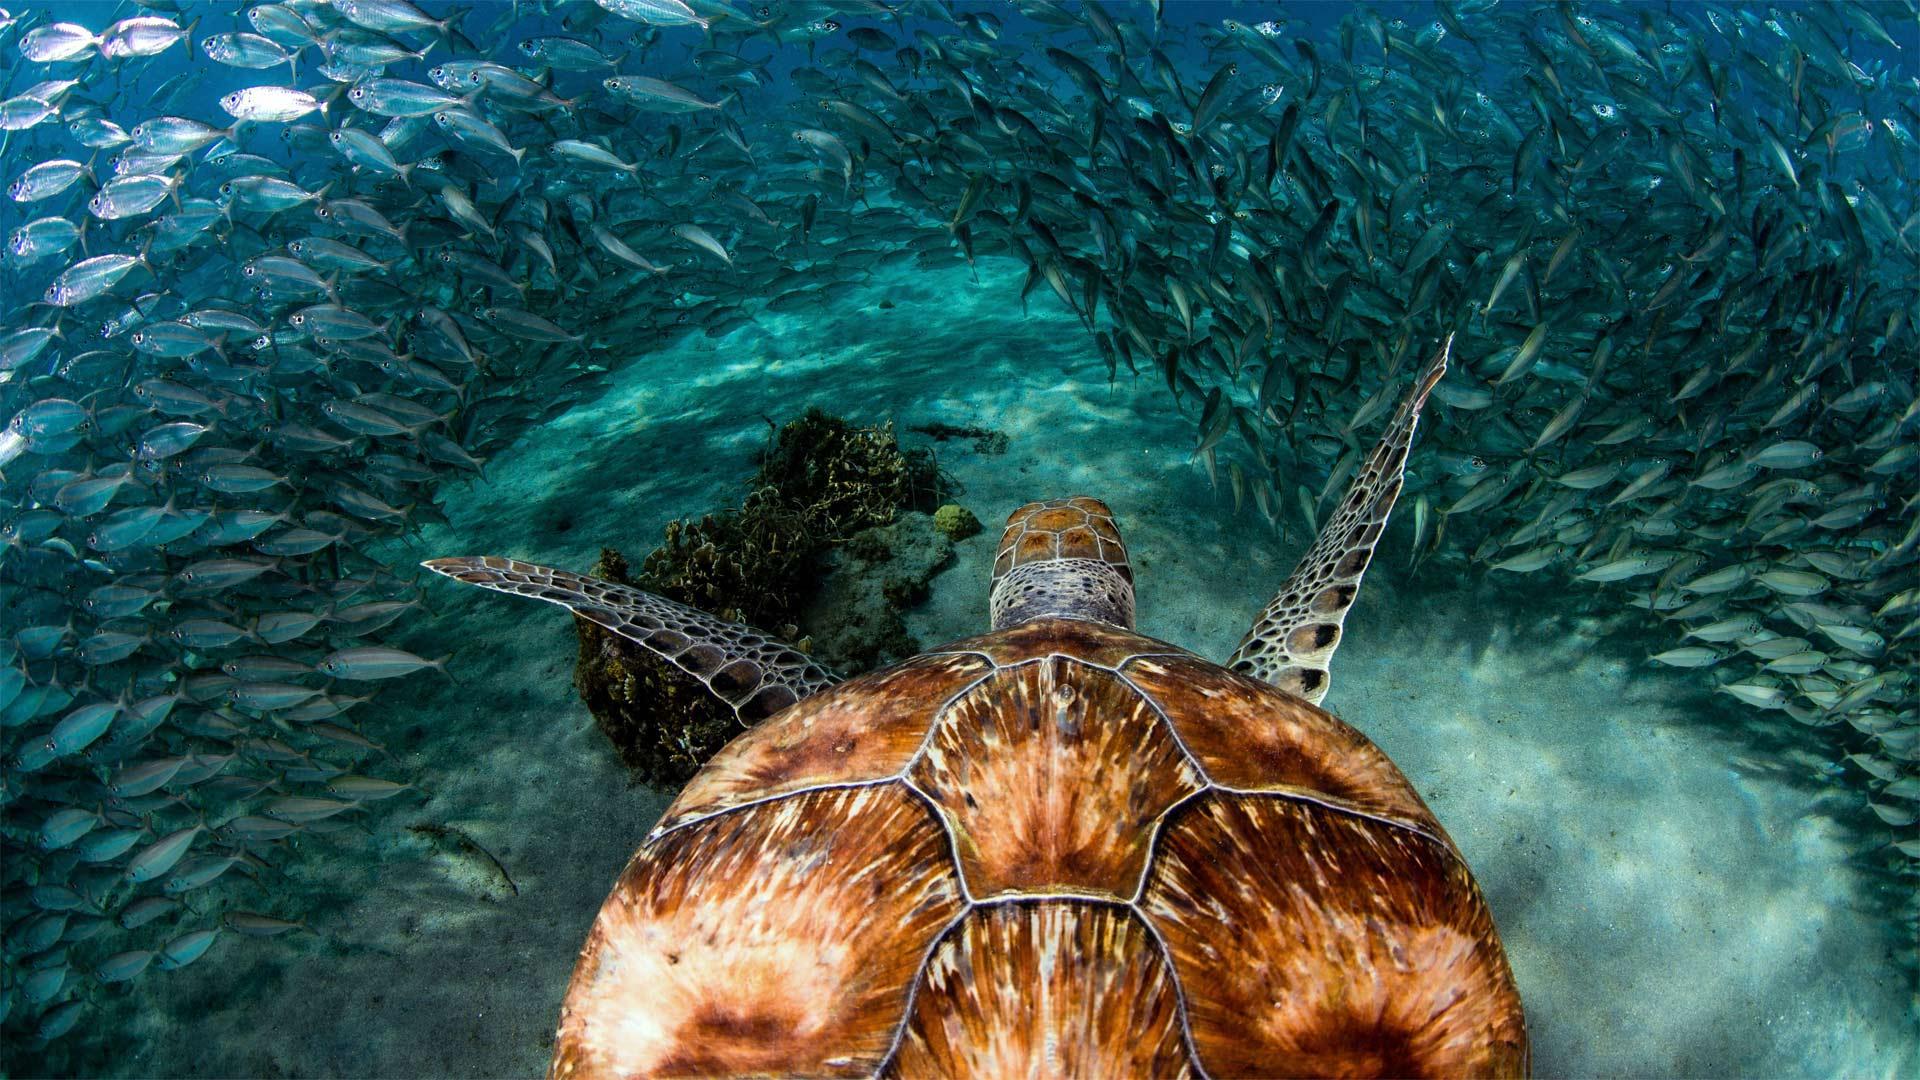 「イワシの群れとアオウミガメ」キュラソー島, プラヤ・グランデ (© yfhishinuma/Getty Images Plus)